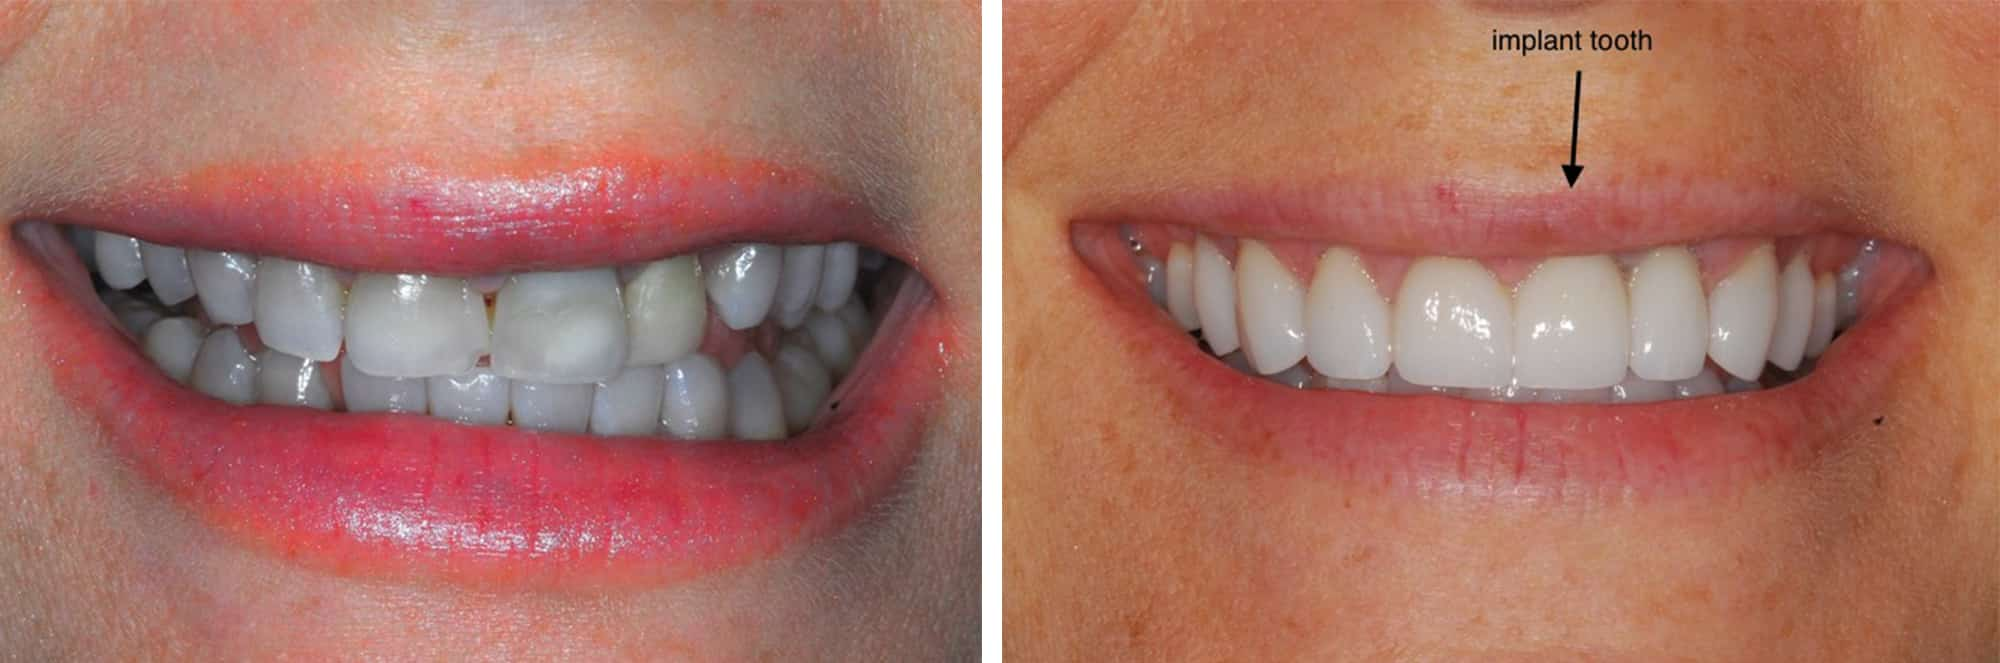 dental implants at Beth Snyder DMD